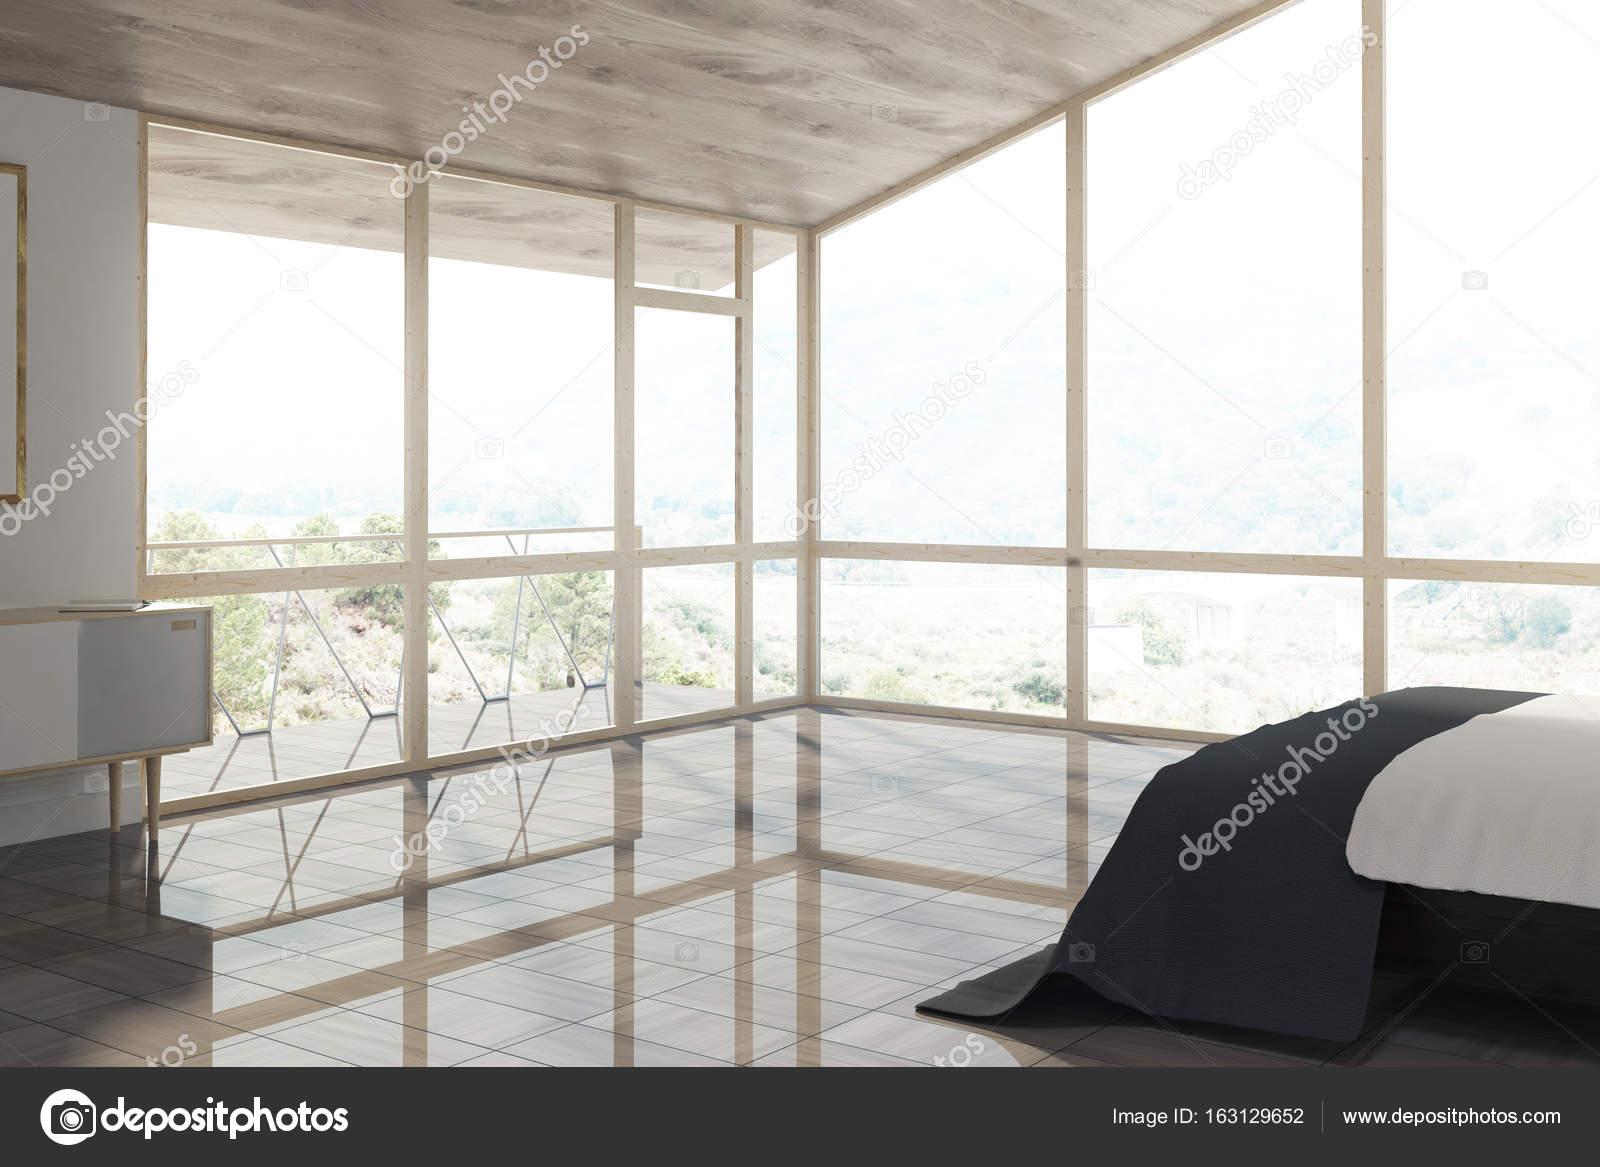 Camera da letto soppalco con un letto nero — Foto Stock ...